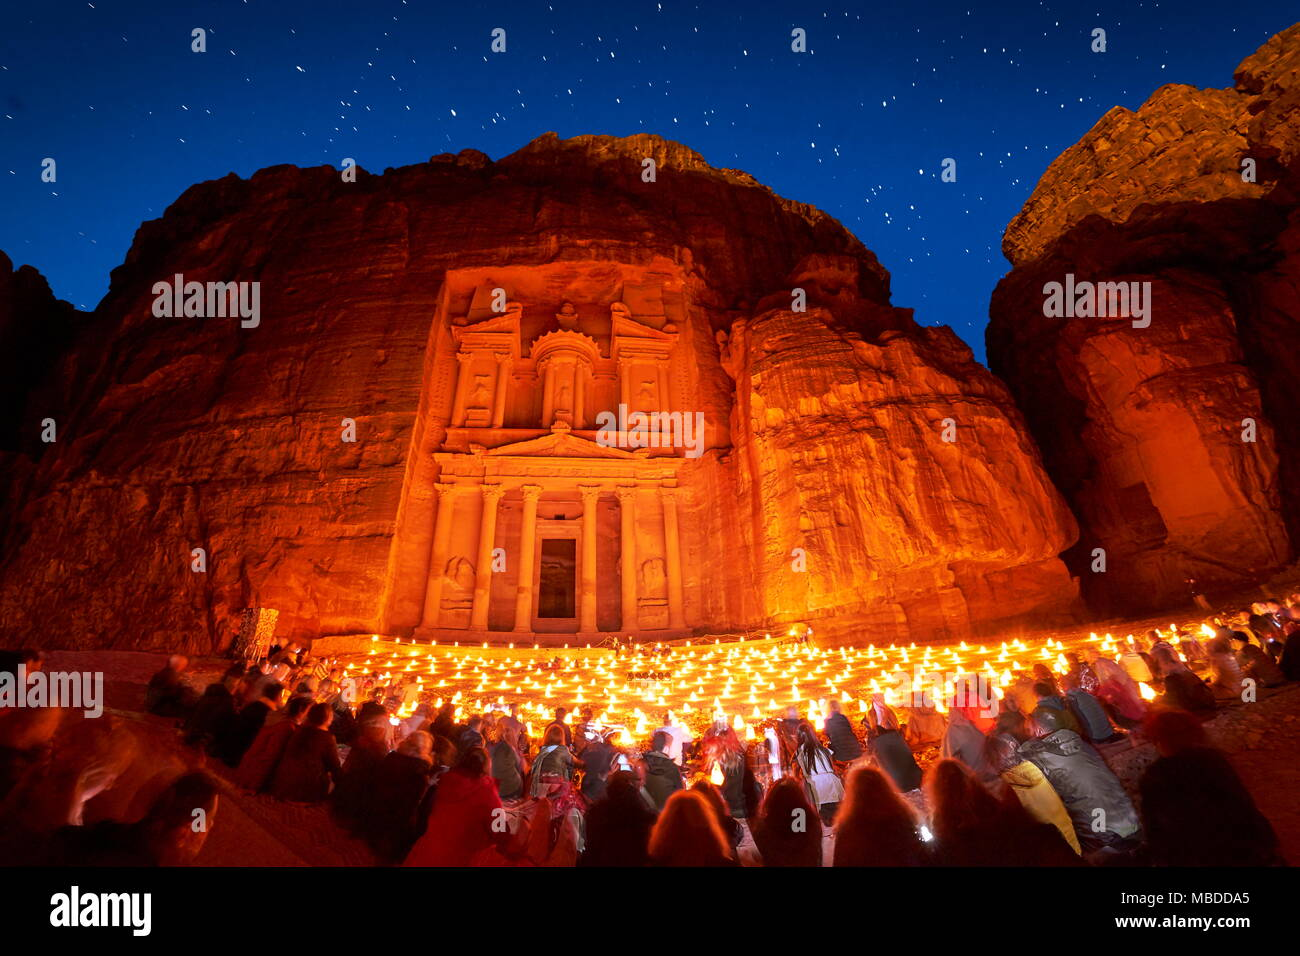 Petra bei Nacht, die Schatzkammer Al-Khazneh, Petra, Jordanien Stockbild